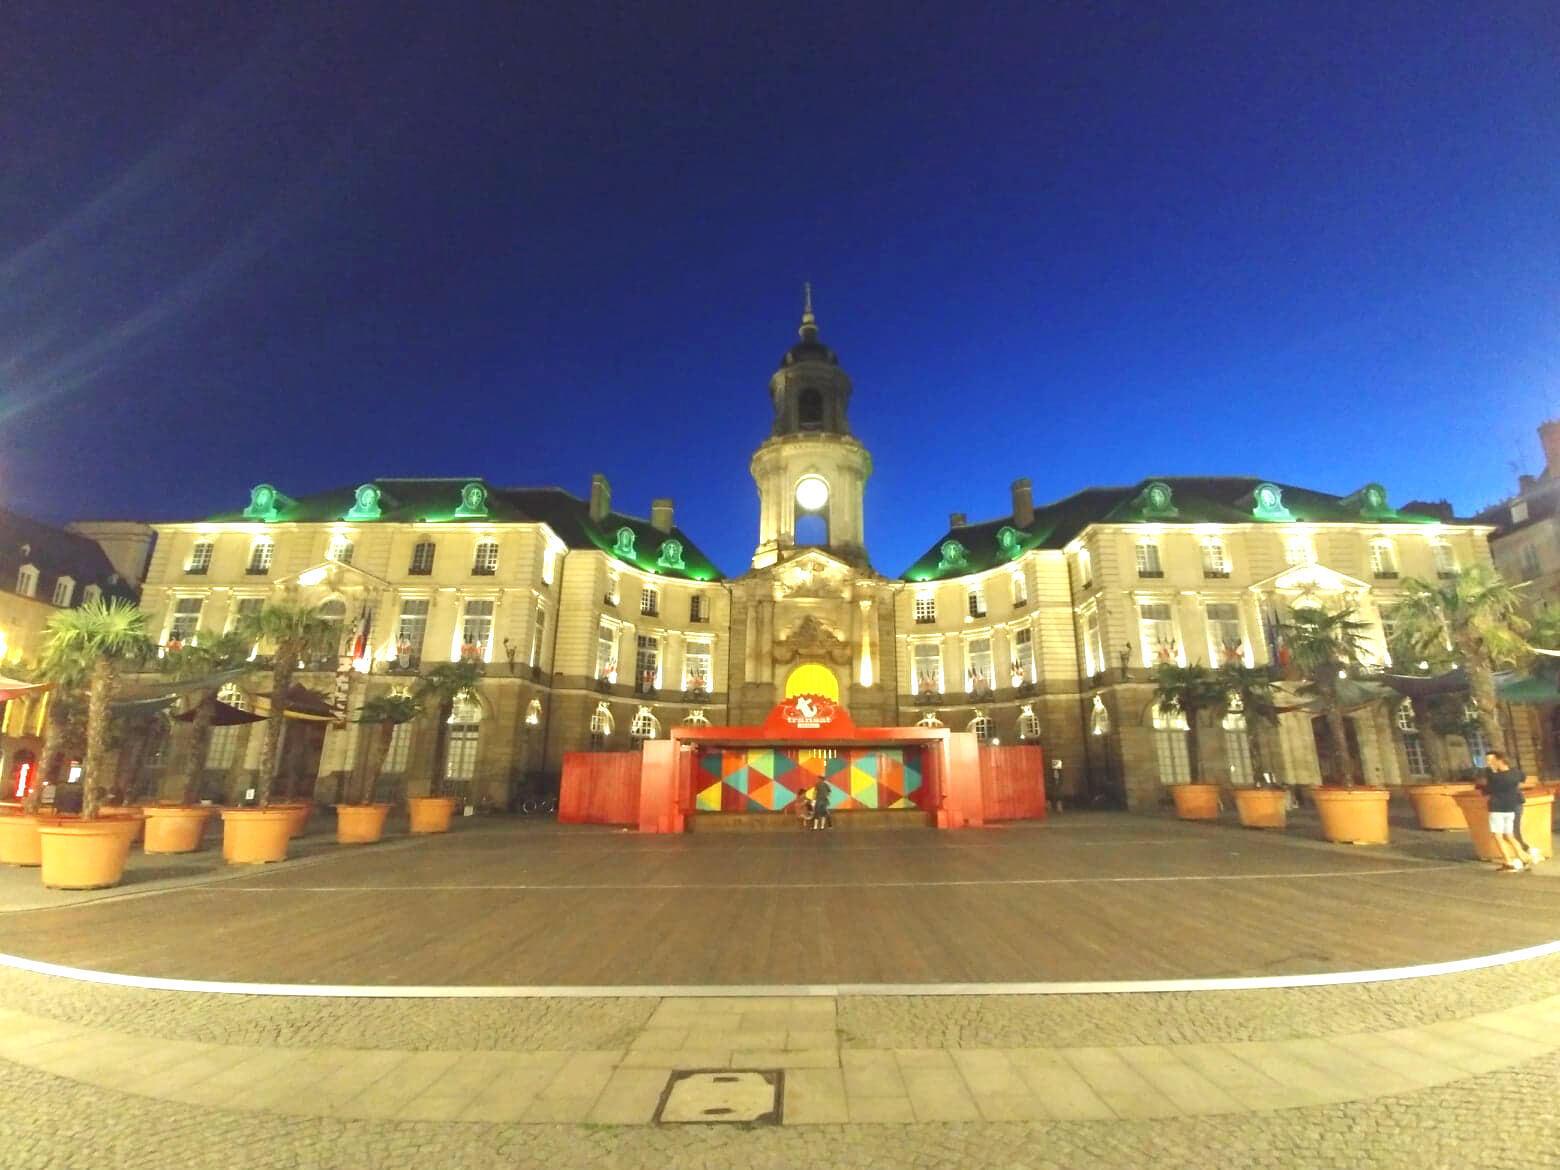 Nhờ vào đầu tư của hội đồng Rennes Métropole, doanh thu ngành du lịch địa phương tăng gấp đôi trong hai tháng hè